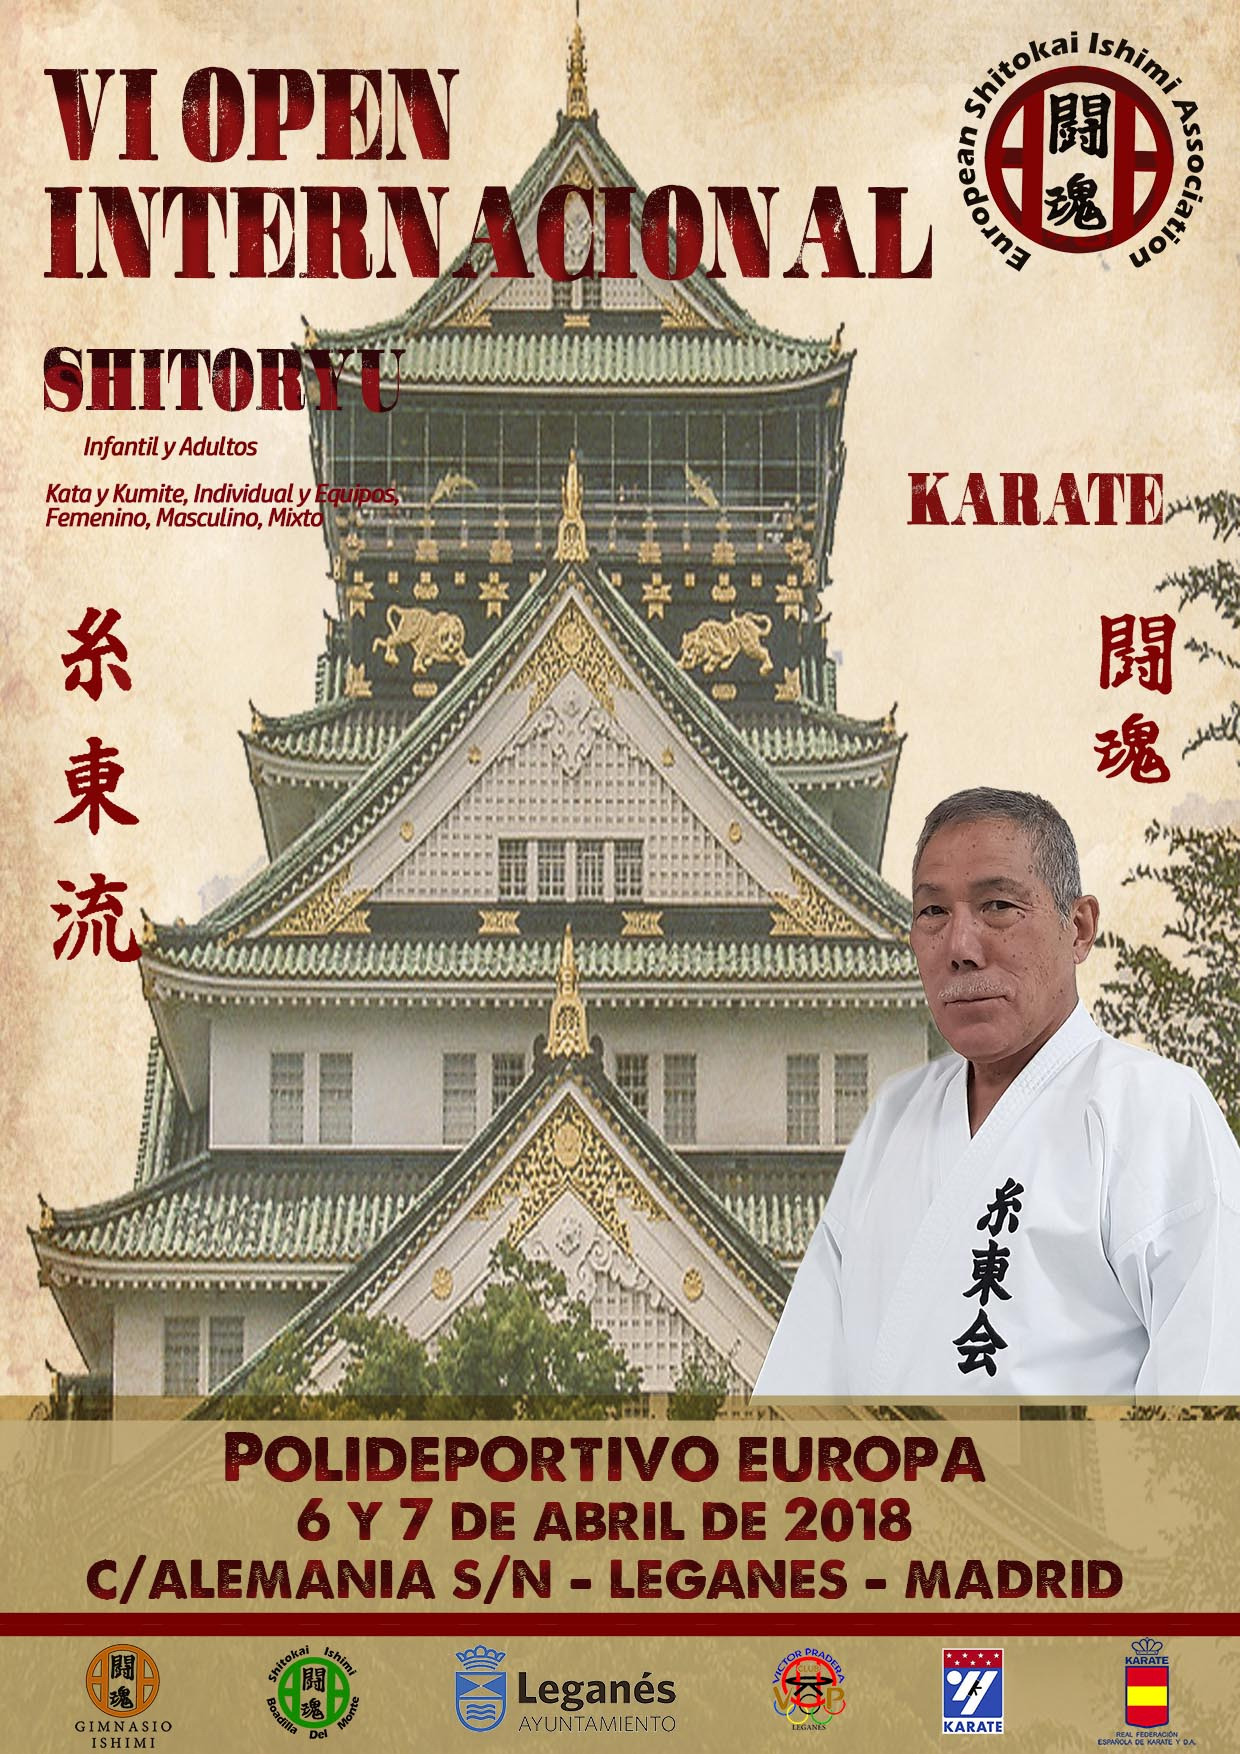 VI OPEN INTERNACIONAL DE KARATE SHITORYU 2018